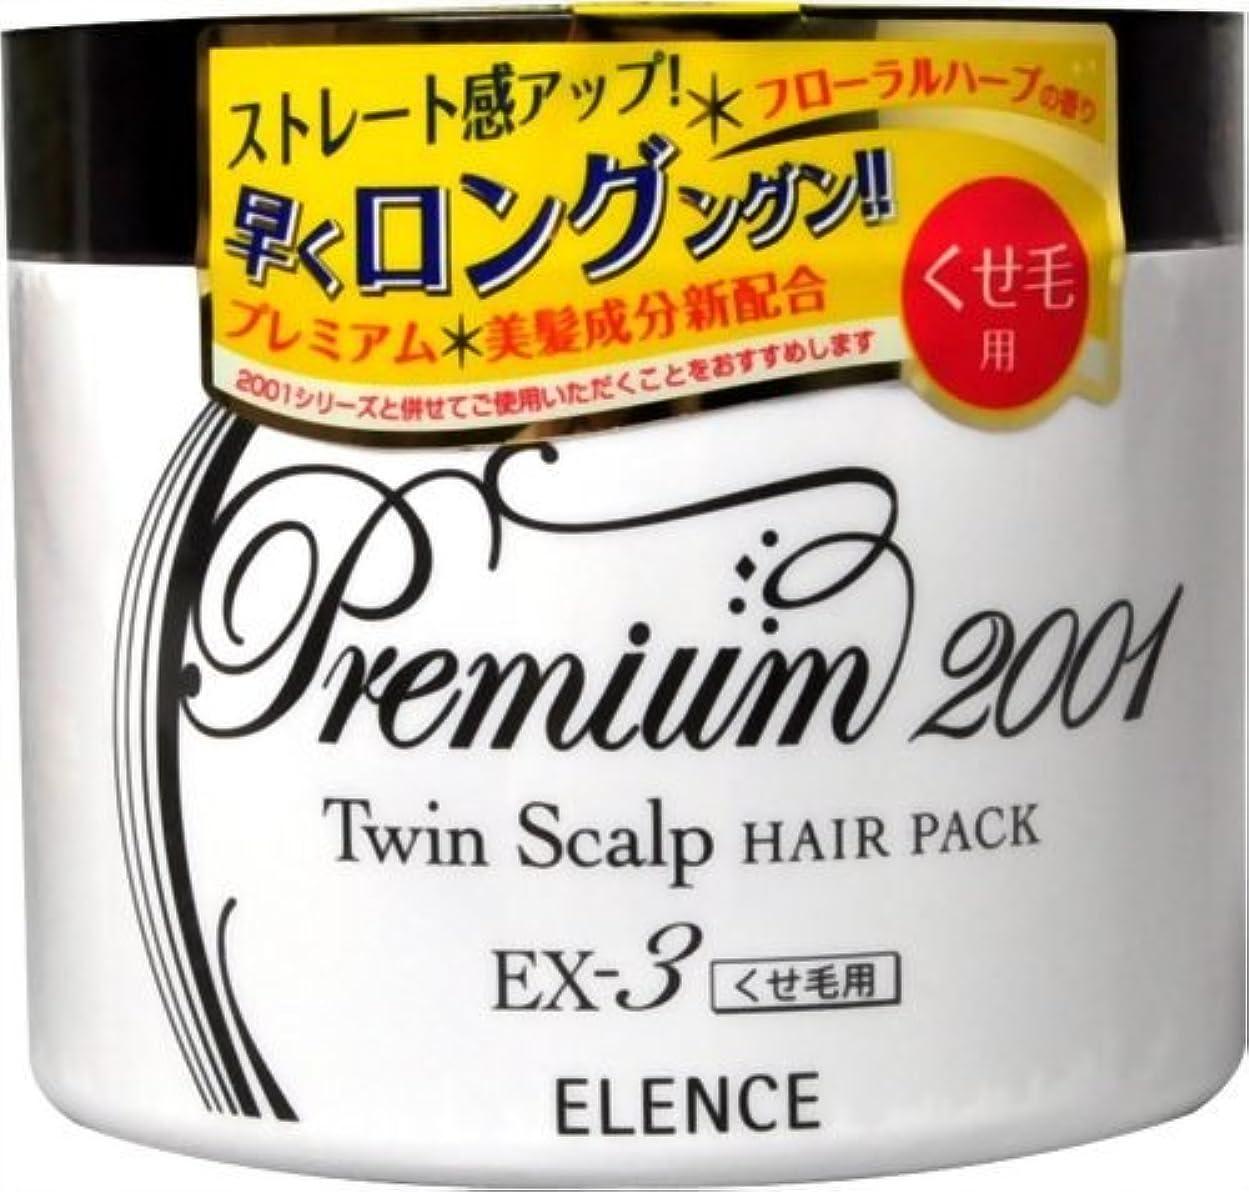 作家ラップ抽象化エレンス2001 ツインスキャルプヘアパックEX-3(くせ毛用)